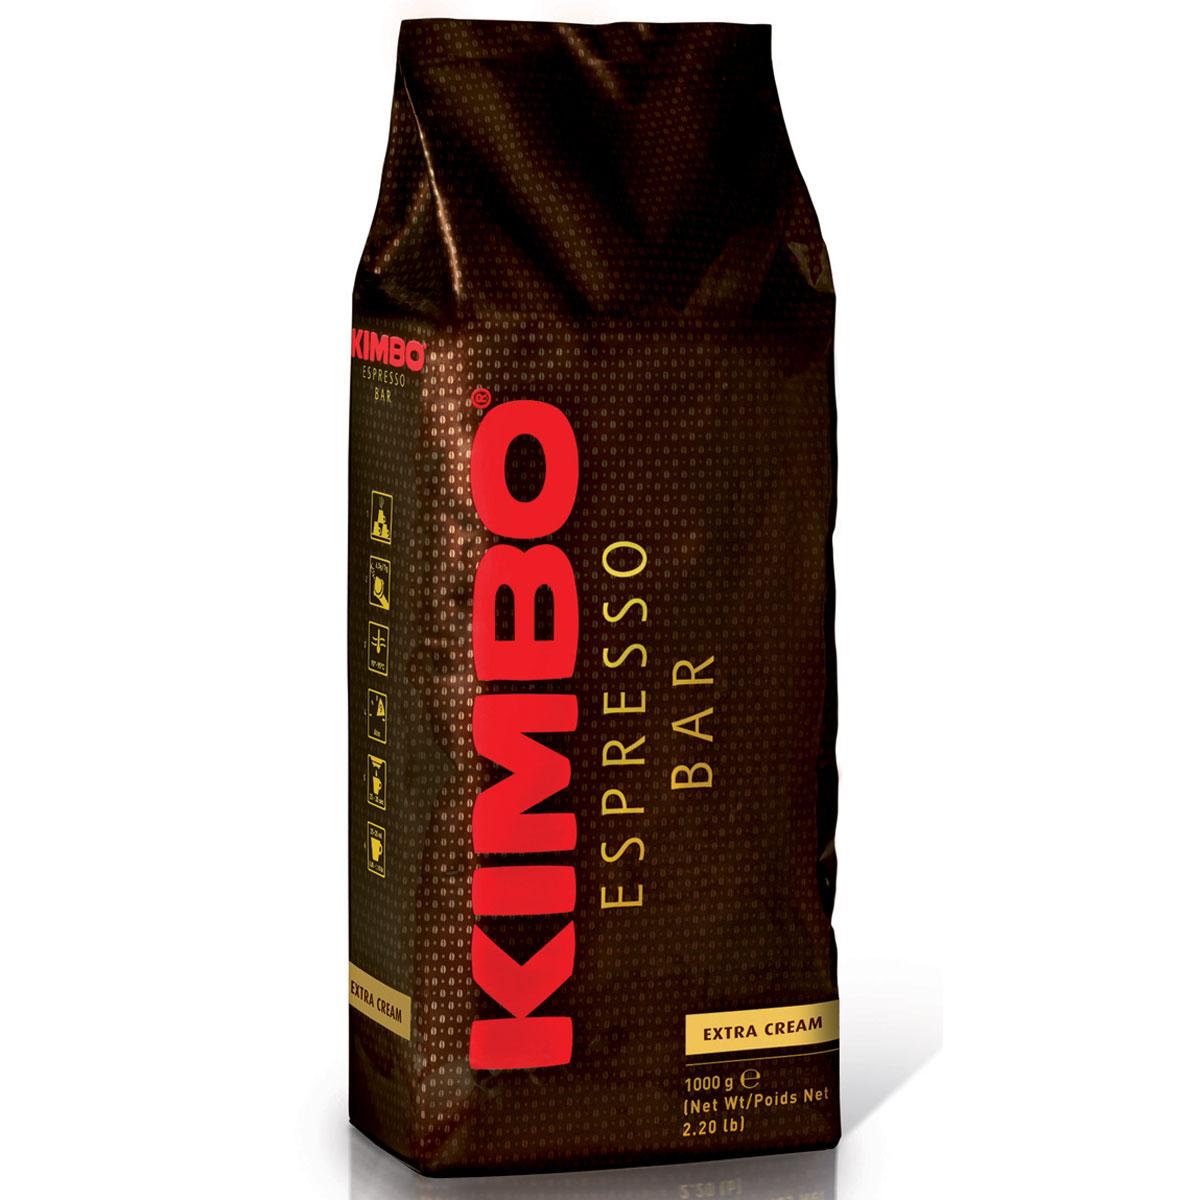 Kimbo Extra Cream кофе в зернах, 1 кг8002200140014Натуральный жареный кофе в зернах Kimbo Extra Cream. Это результат тщательного отбора кофейных зерен. Великолепный баланс сладости и легкой кислинки. Устойчивая пенка и хорошо сбалансированная консистенция придают смеси мягкий вкус. Смесь содержит 80% арабики и 20% робусты.